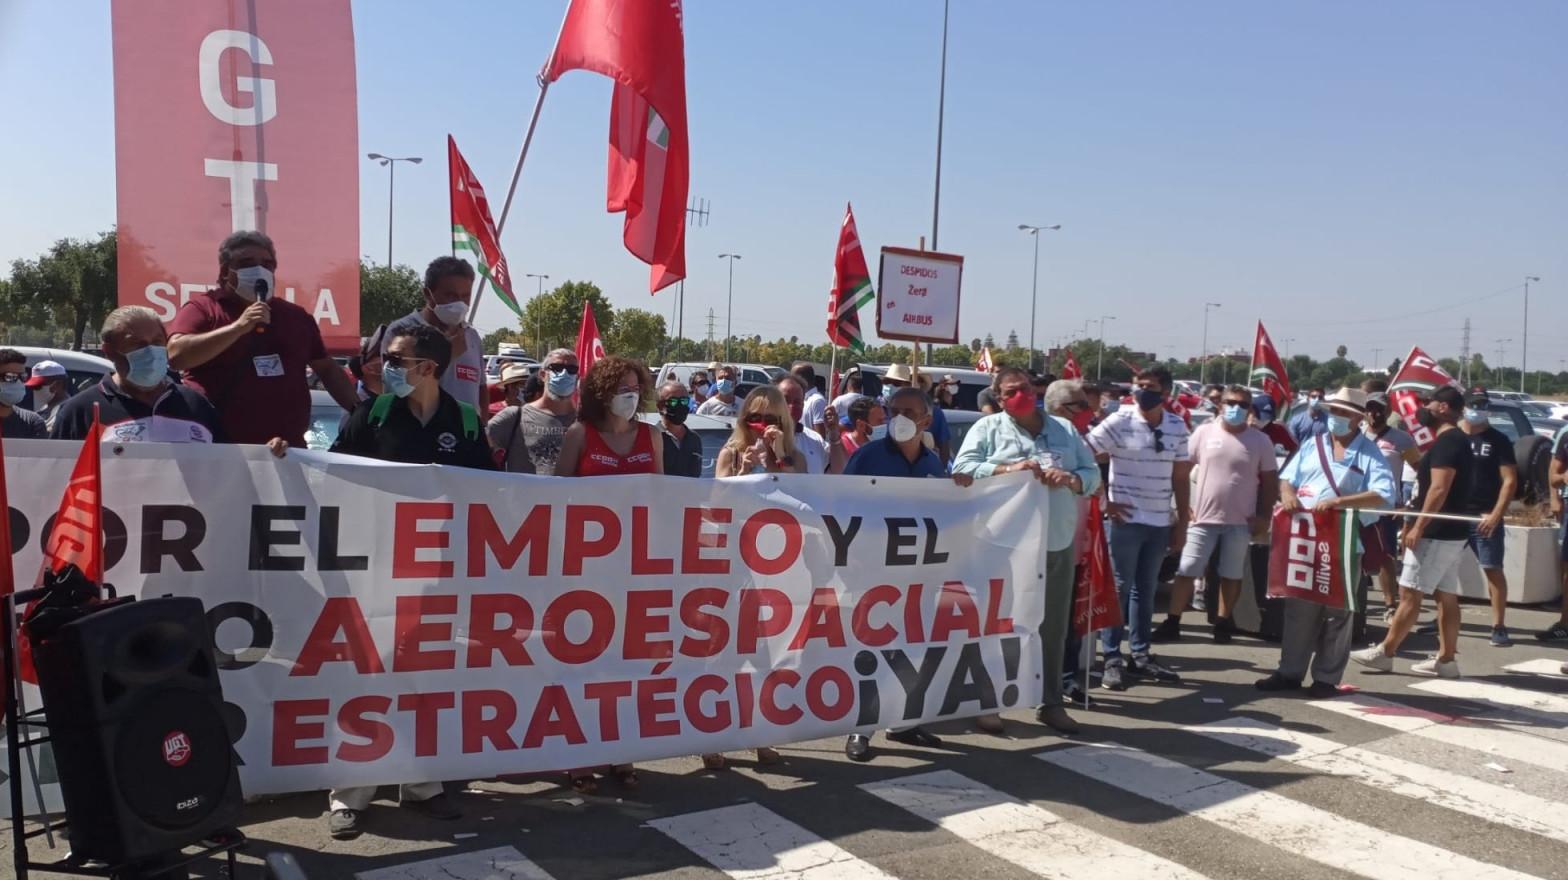 Los trabajadores de Airbus anuncian una huelga en todas sus plantas en España